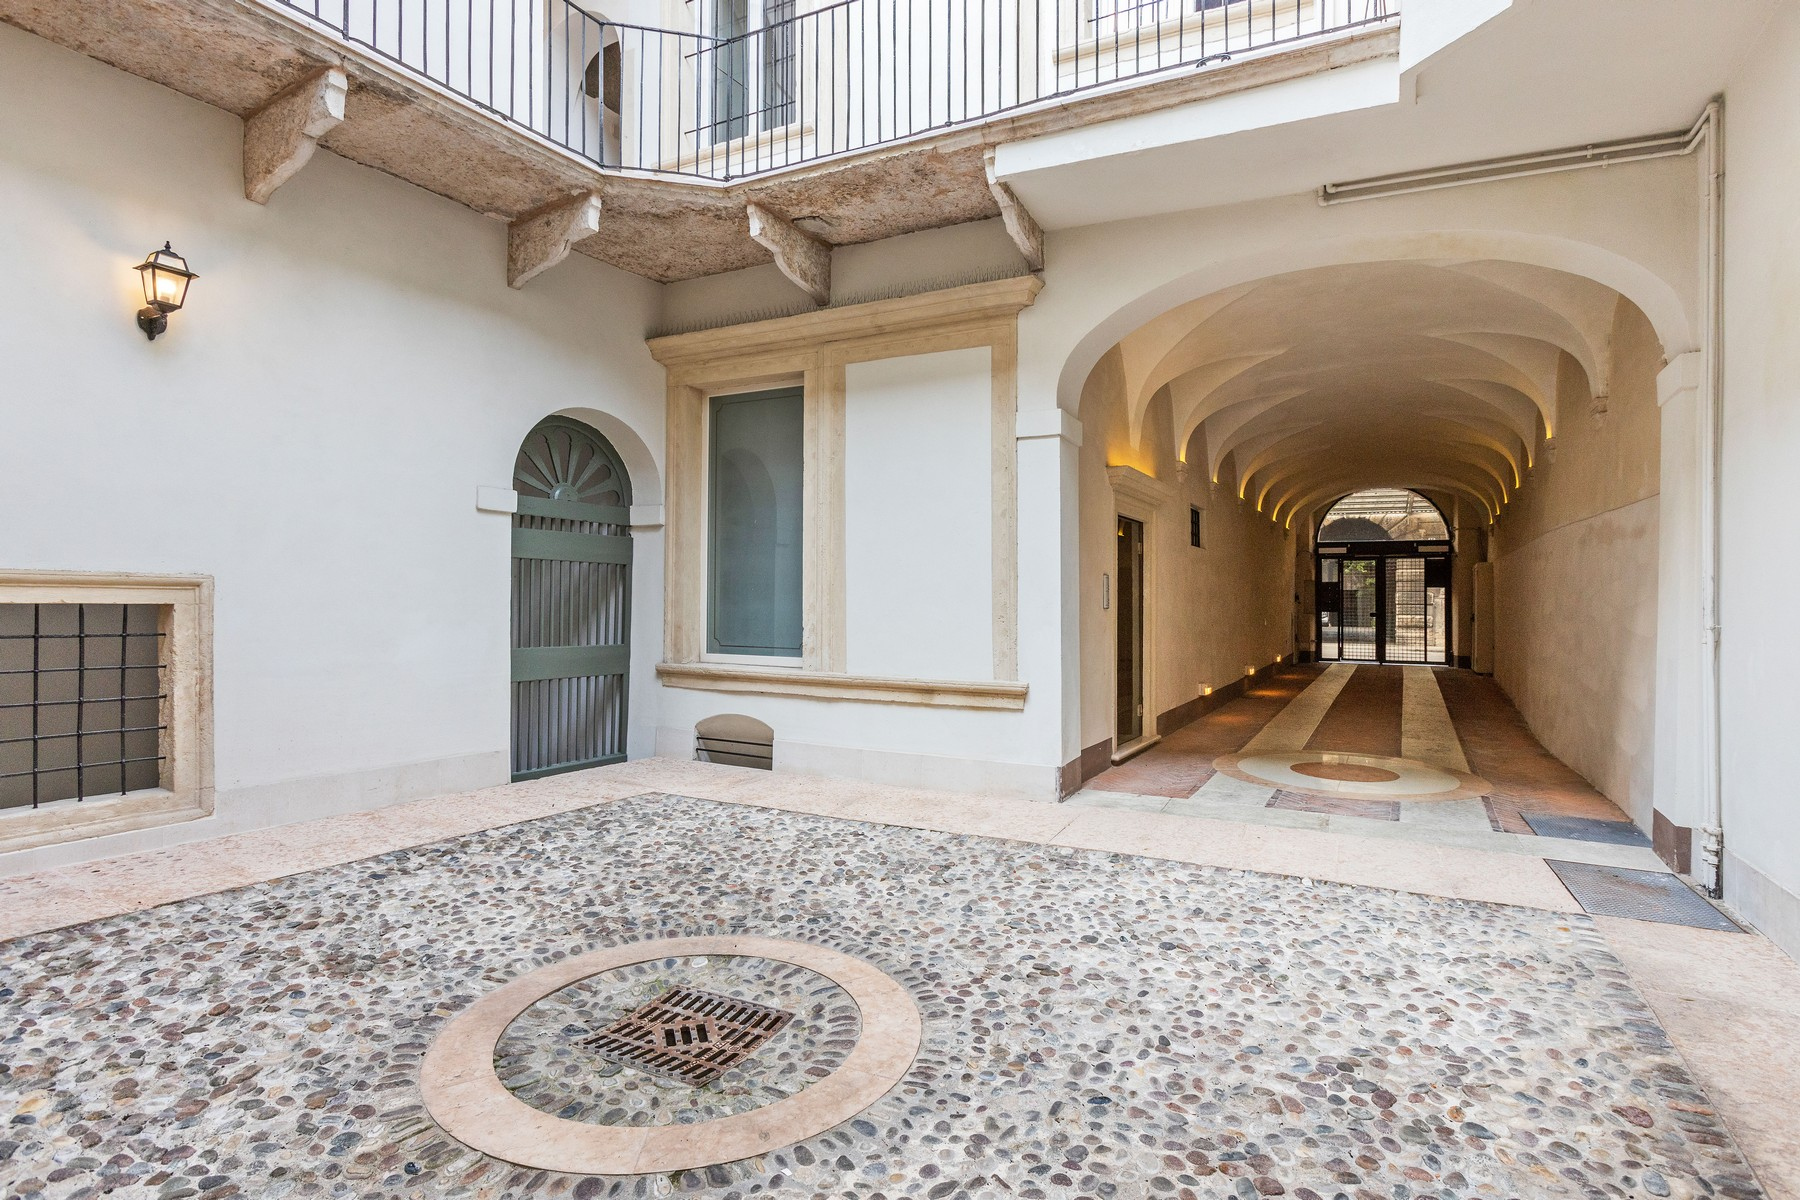 Appartamento in Vendita a Verona: 5 locali, 150 mq - Foto 12